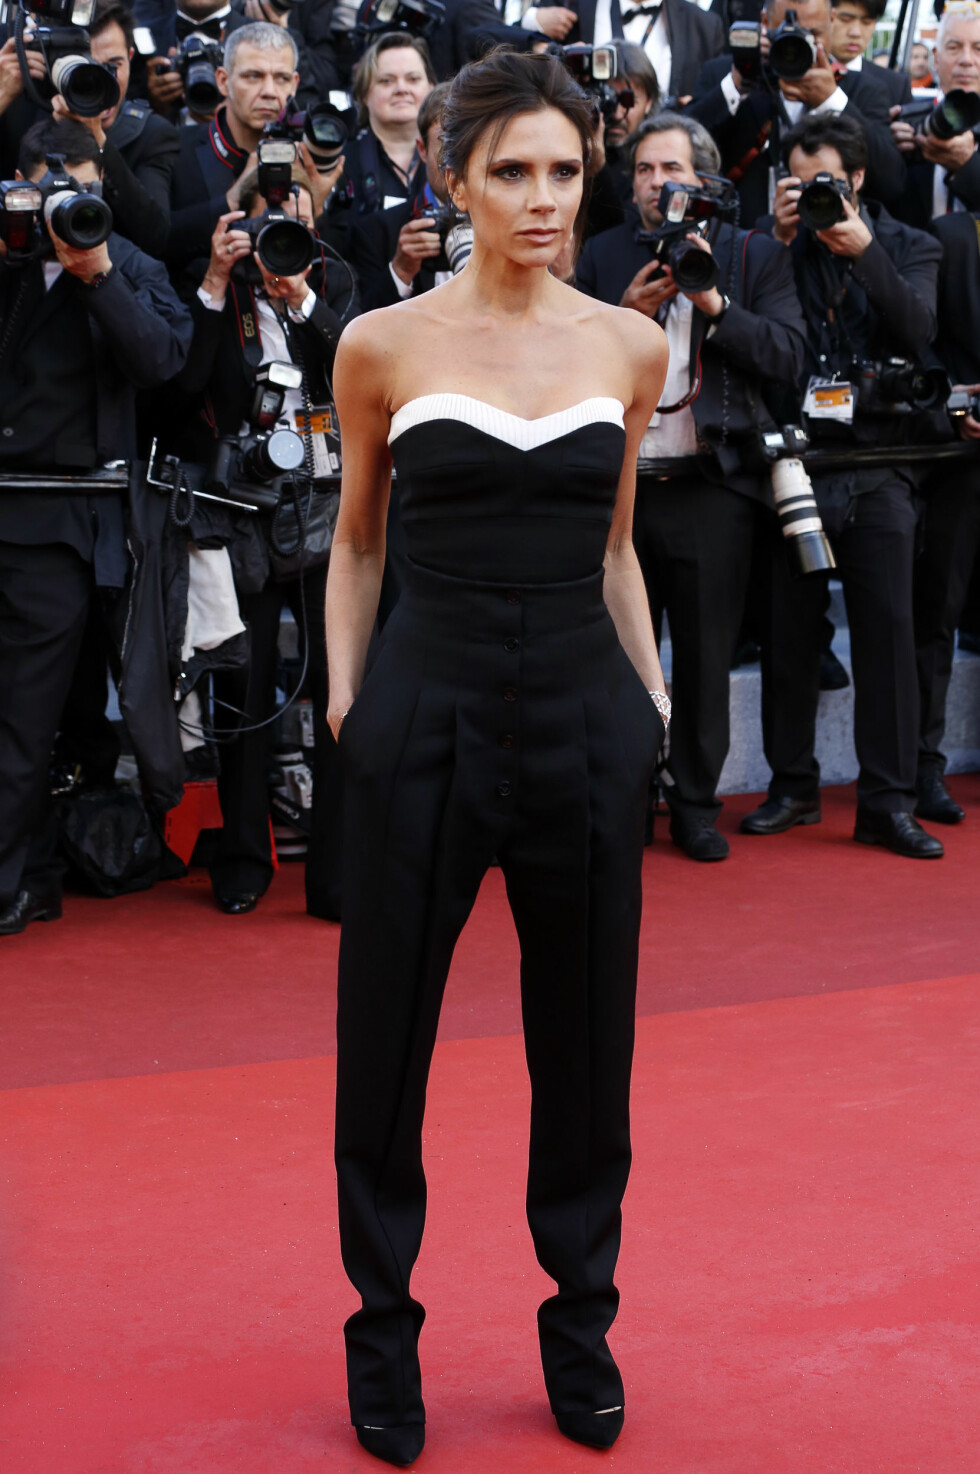 CANNES: Victoria Beckham deltok på filmfestivalen i Cannes. Selvfølgelig ikledd et antrekk i sort og hvitt. Foto: DPA